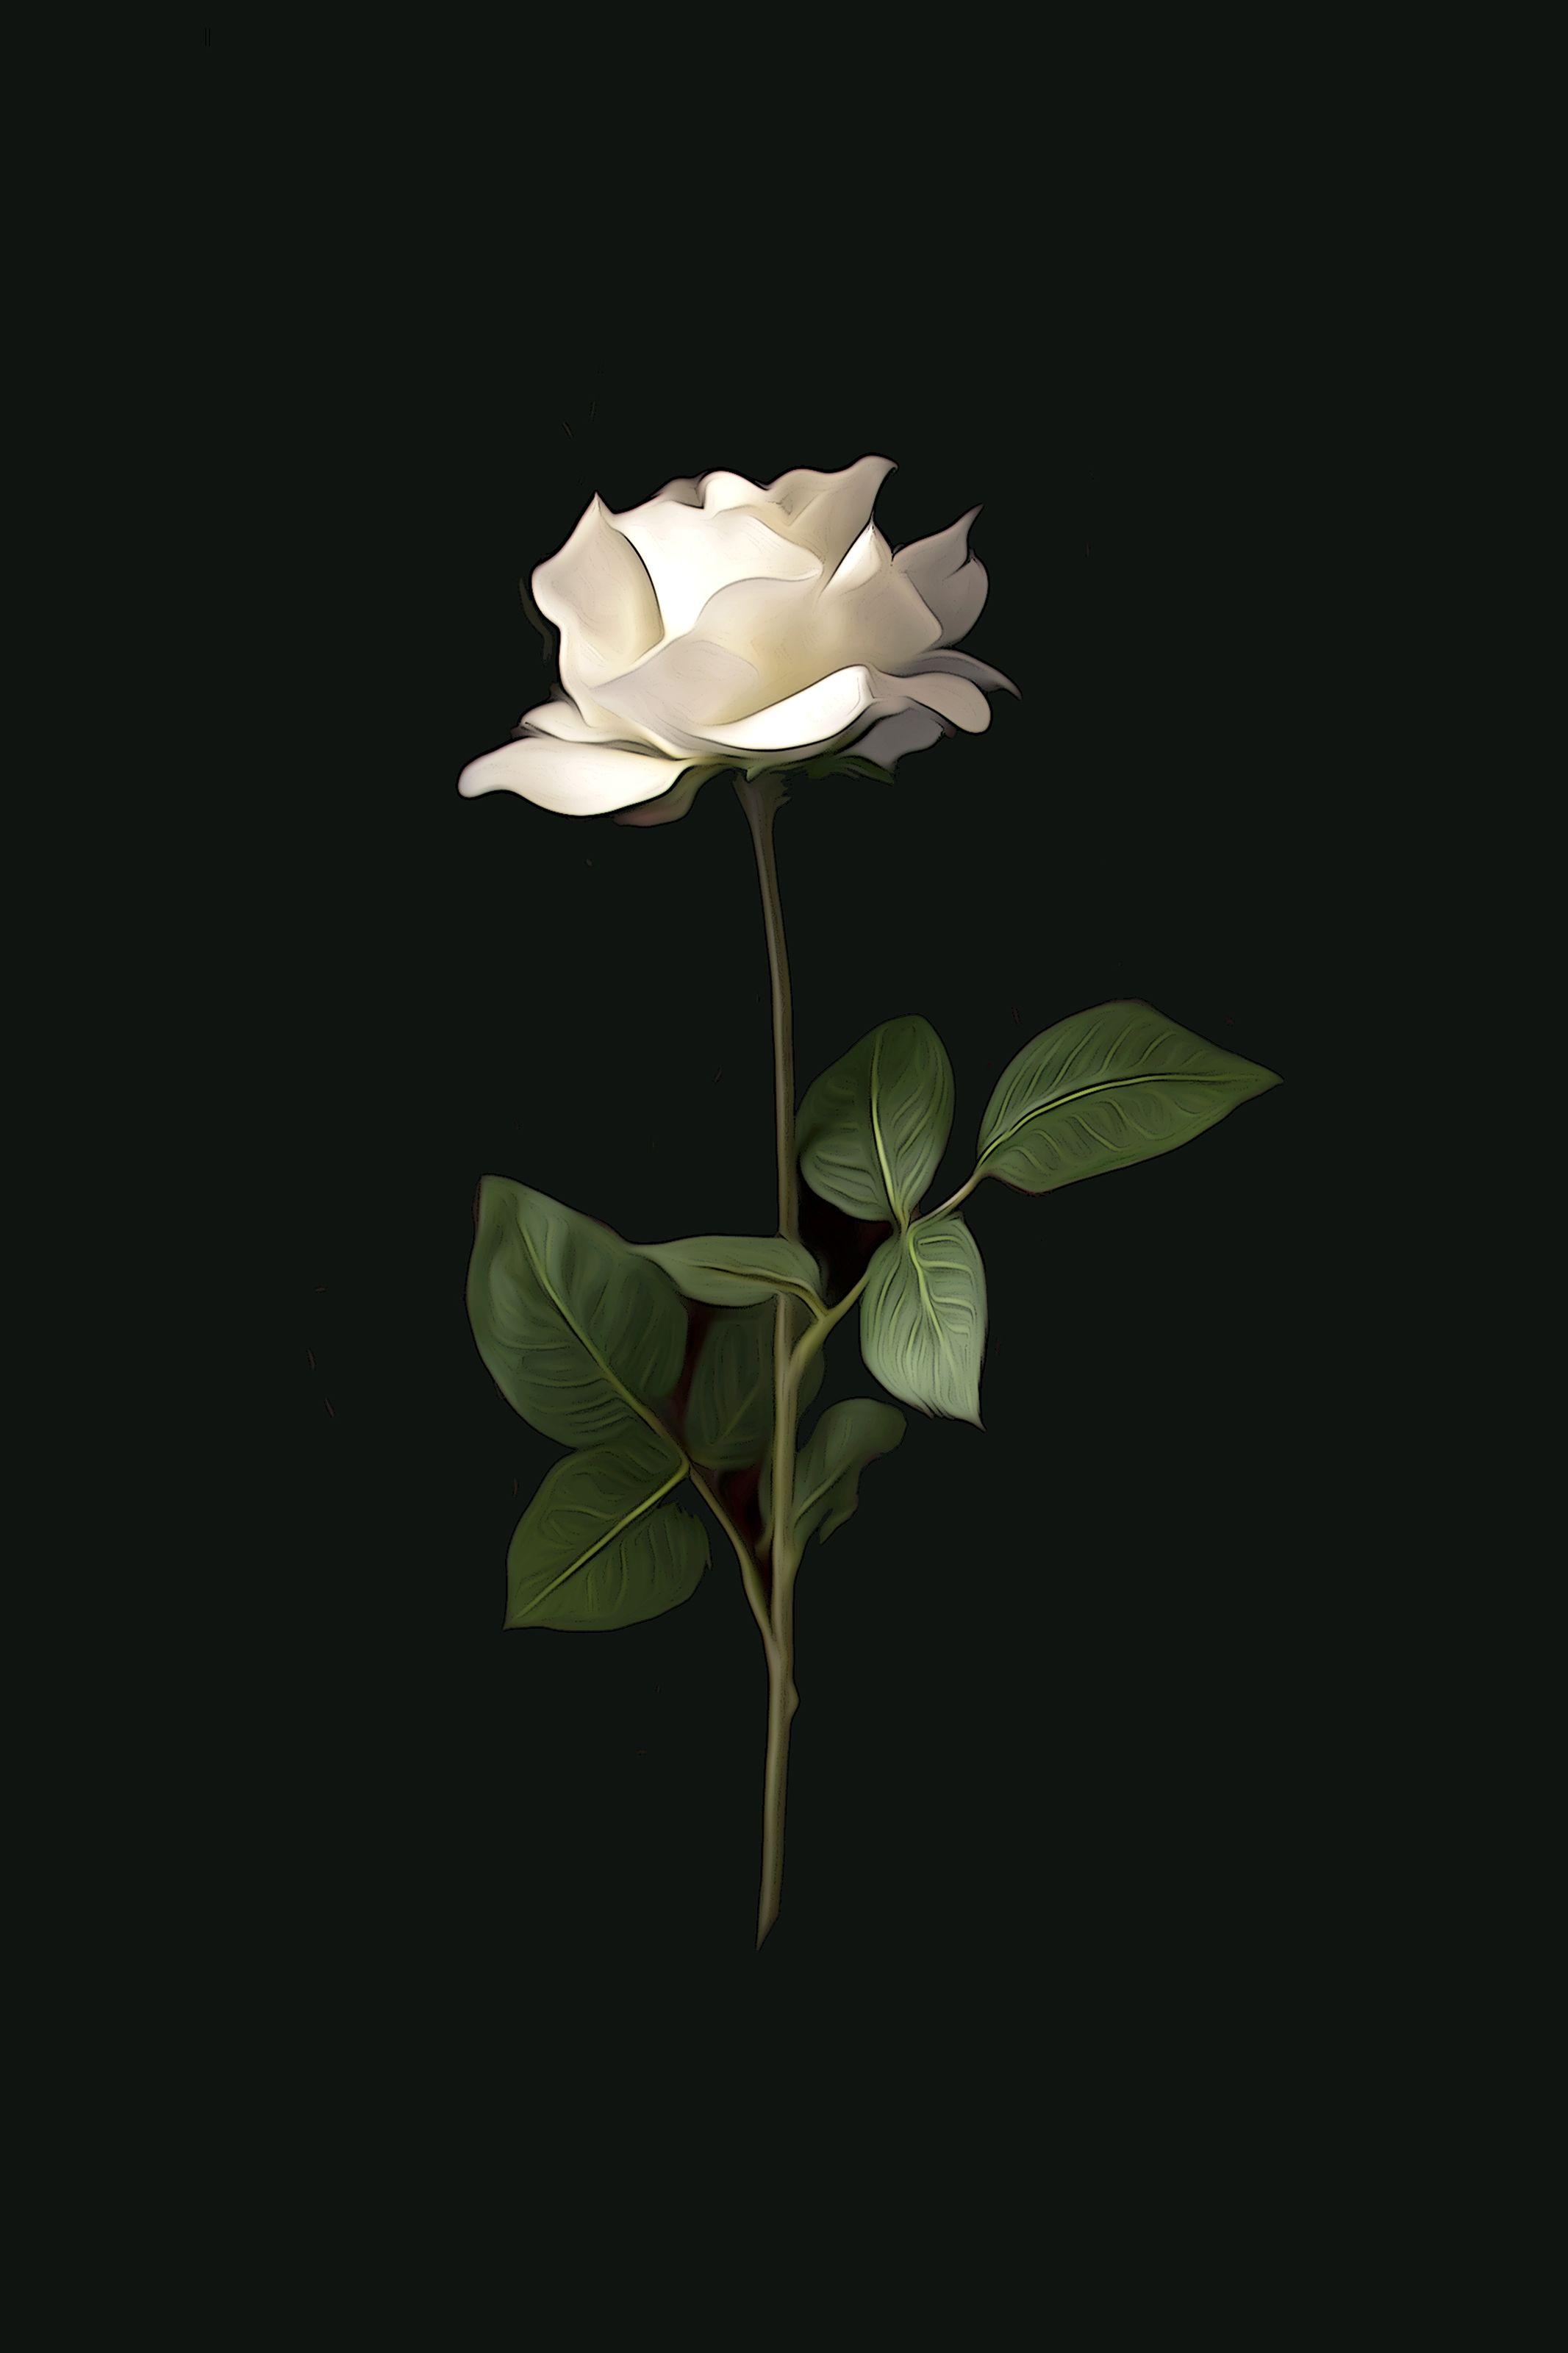 Single White Rose 65 White Roses Background Flower Phone